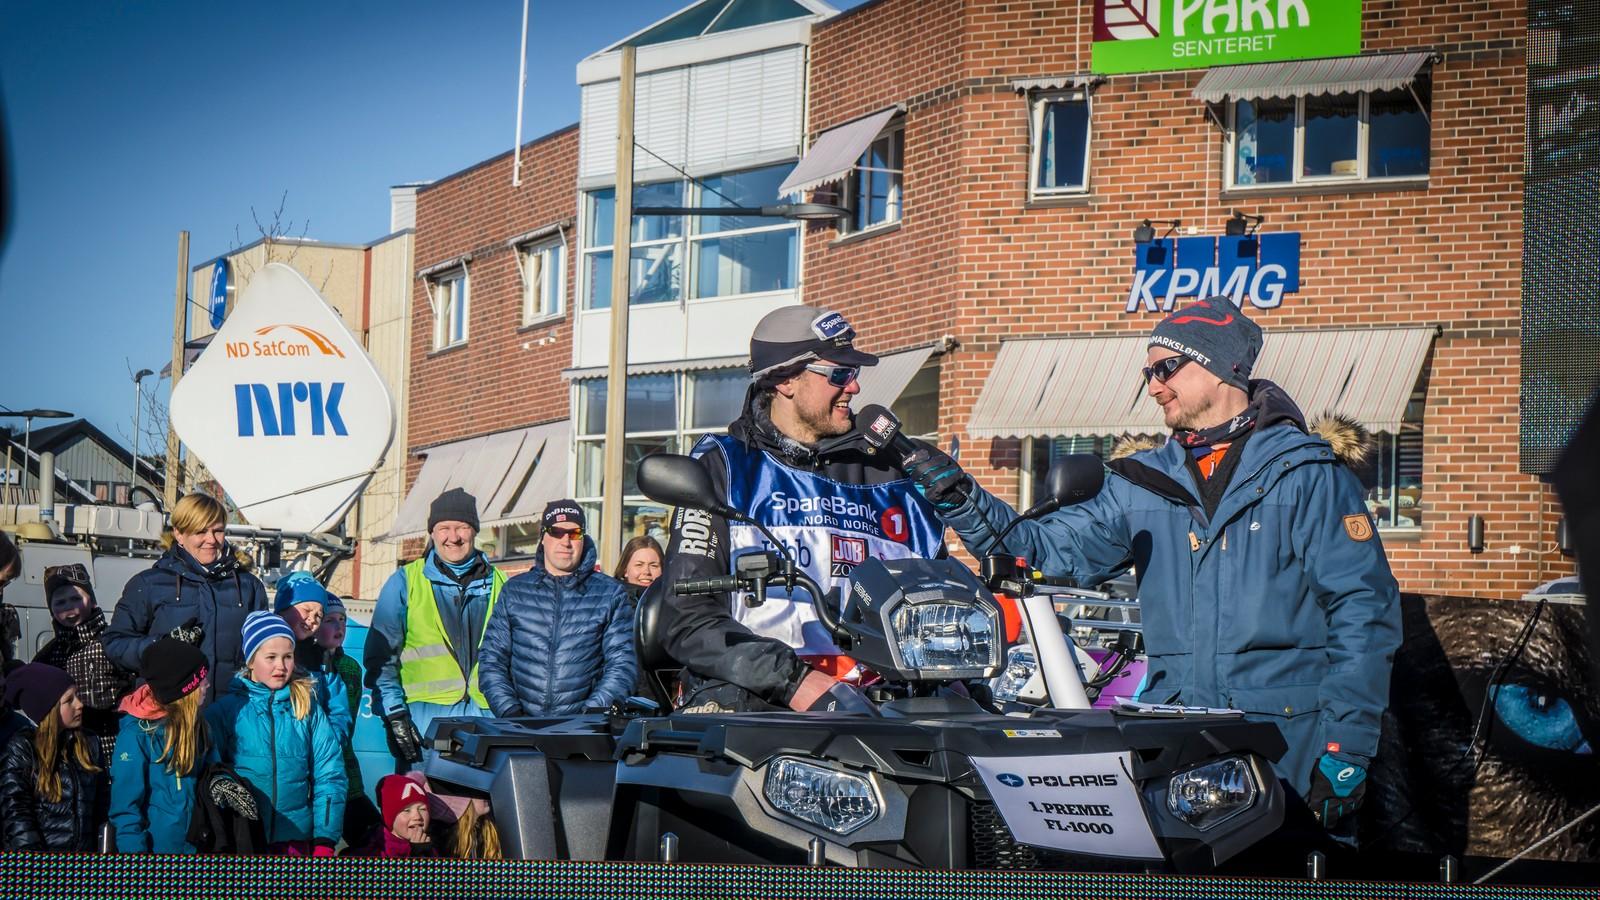 En del av premien til Karlsson var en ATV. – Jeg behøver en ny ATV, sa Karlsson om hvorfor han ville kjøre Finnmarksløpet i år.